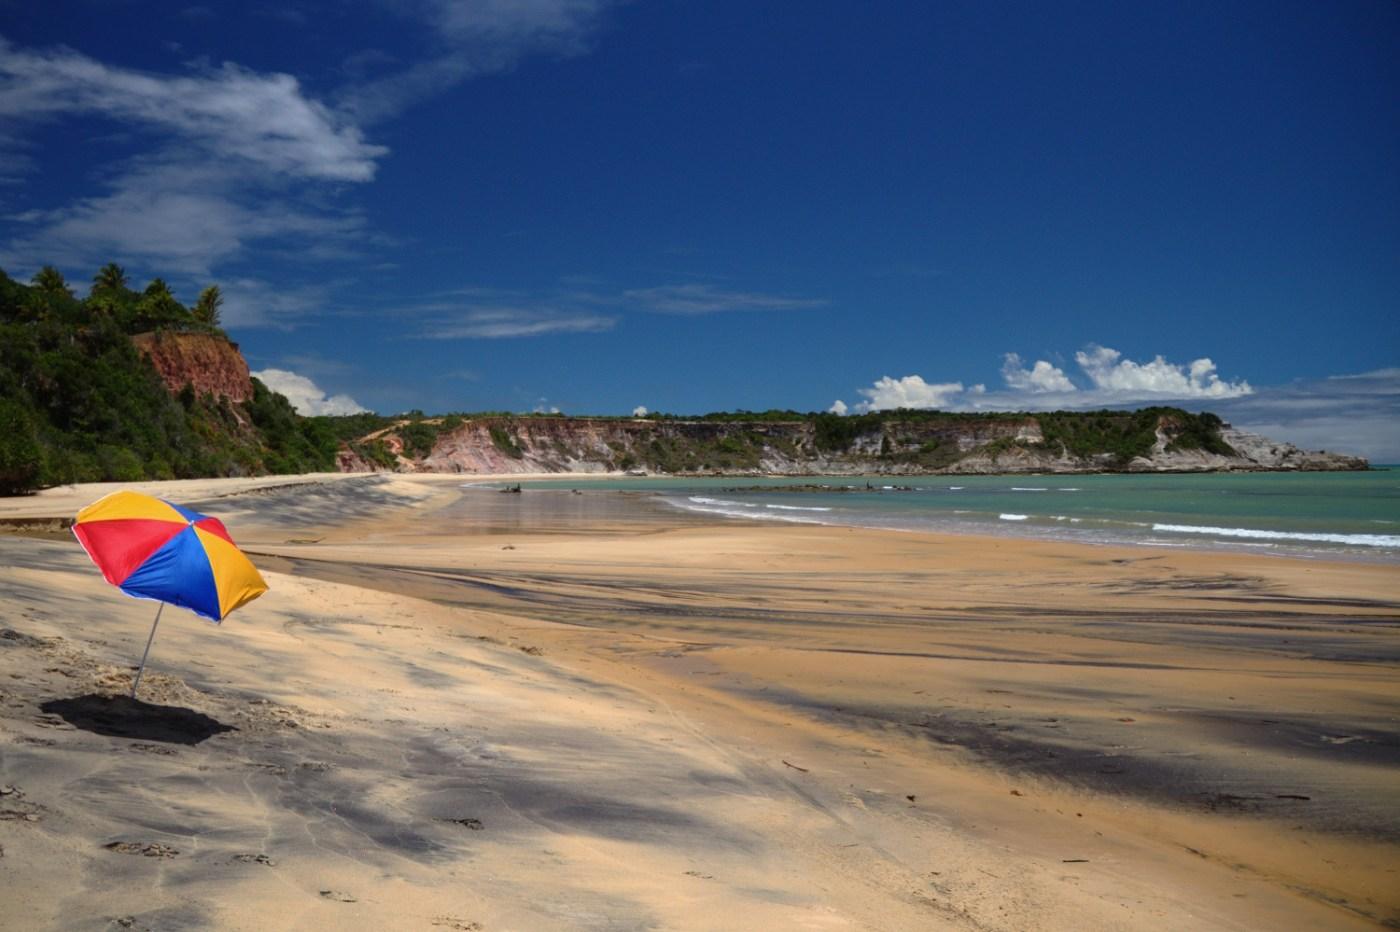 Juacema, paia a 3 km de Caraíva com piscinas naturais e mergulhos em águas doces, na Lagoa do Satu, no sul da Bahia (foto: Eduardo Vessoni)